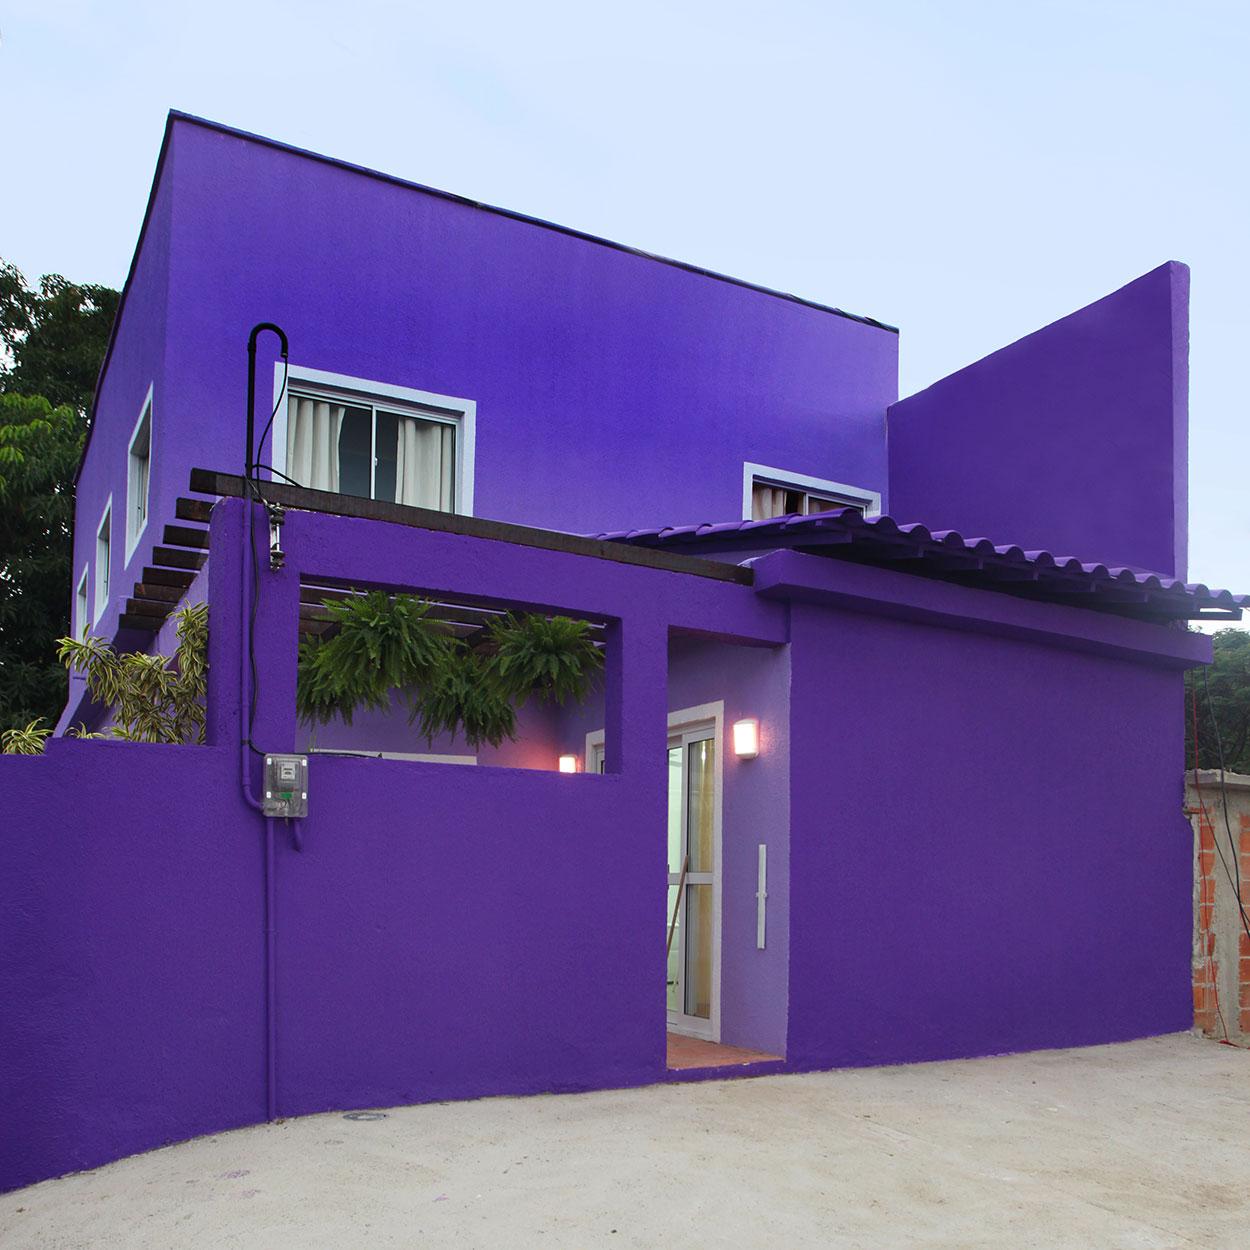 Cores de casas tend ncias e fotos para pintura externa for Casas modernas pintadas